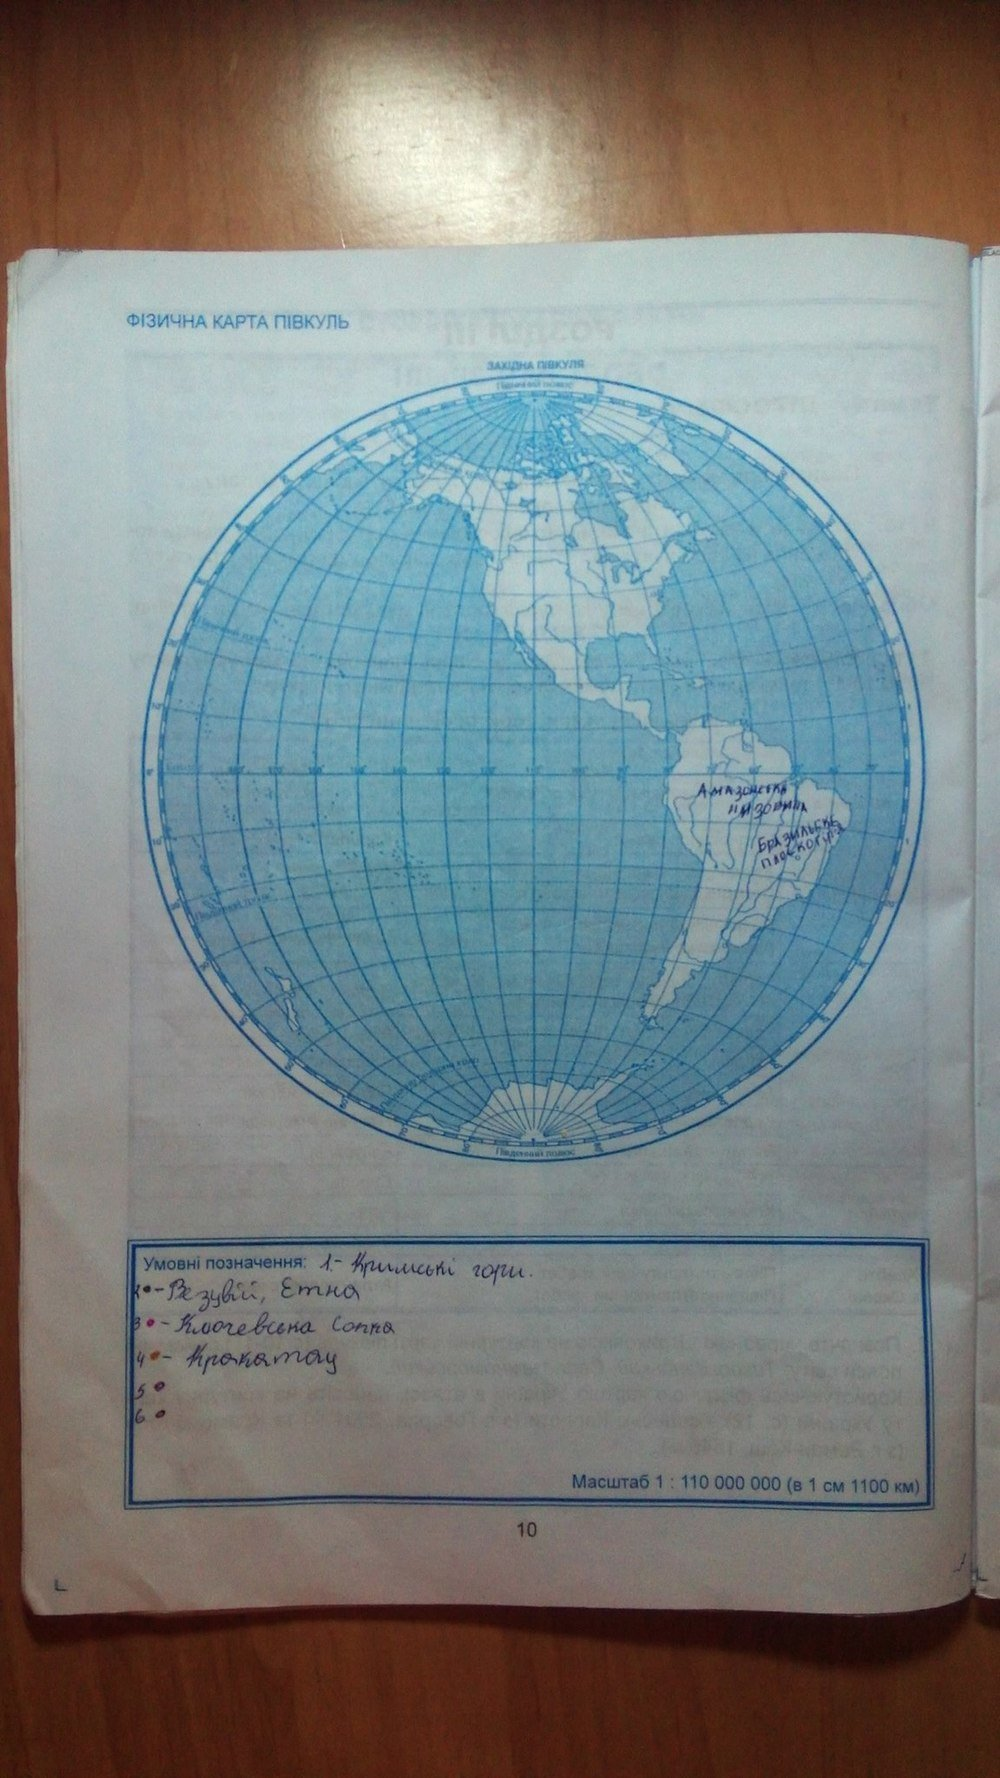 гдз з географії 6 клас зошит для практичних робіт кобернік